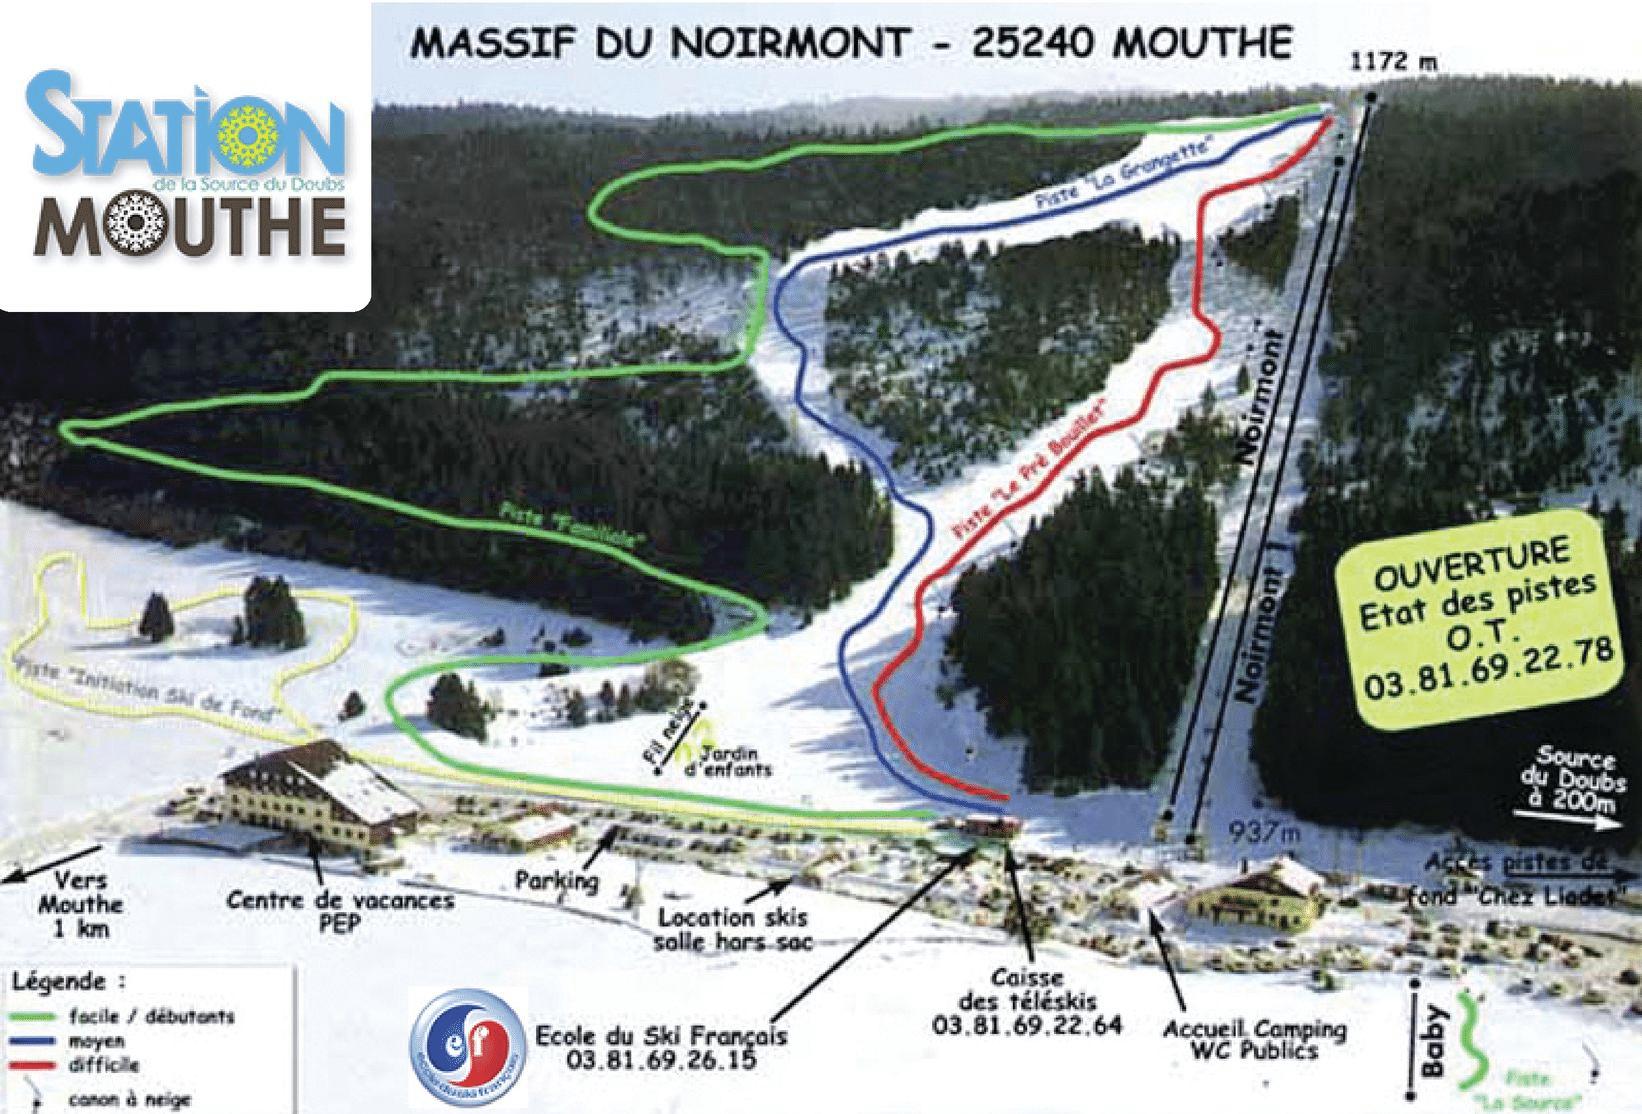 Mouthe - Plan des pistes de ski